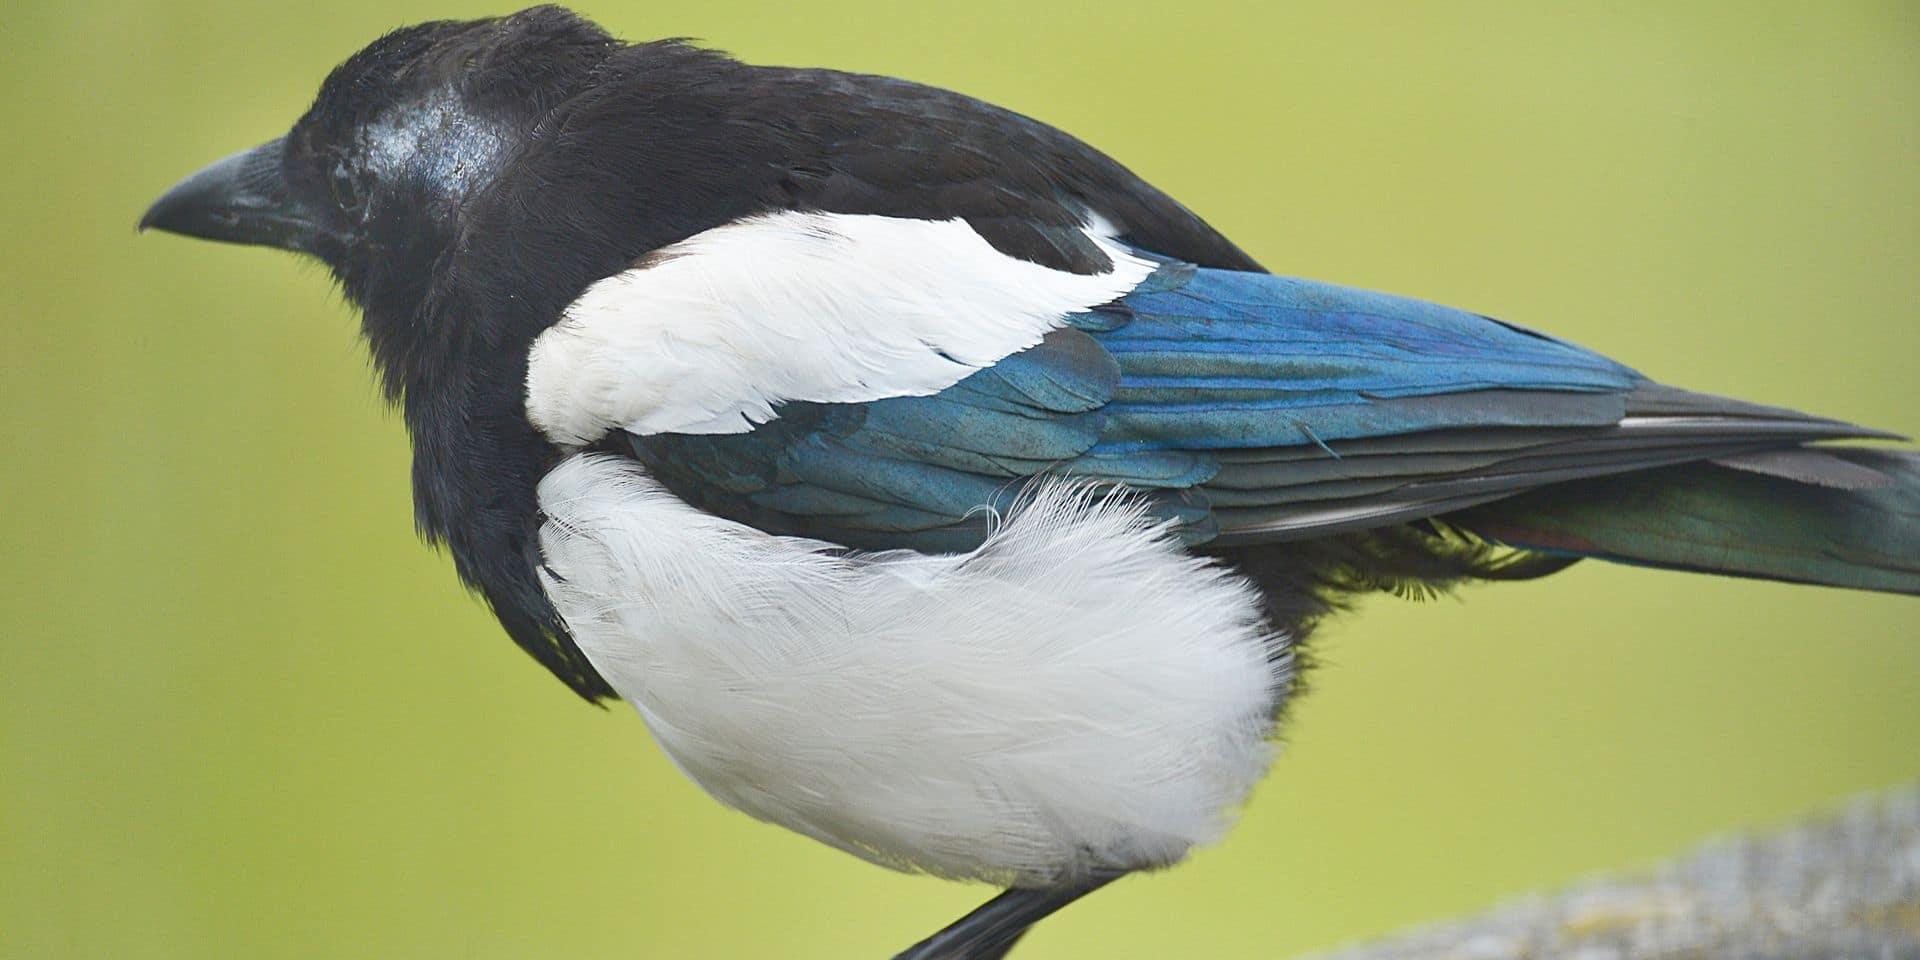 Natagora organise ce week-end son grand recensement d'oiseaux dans les jardins